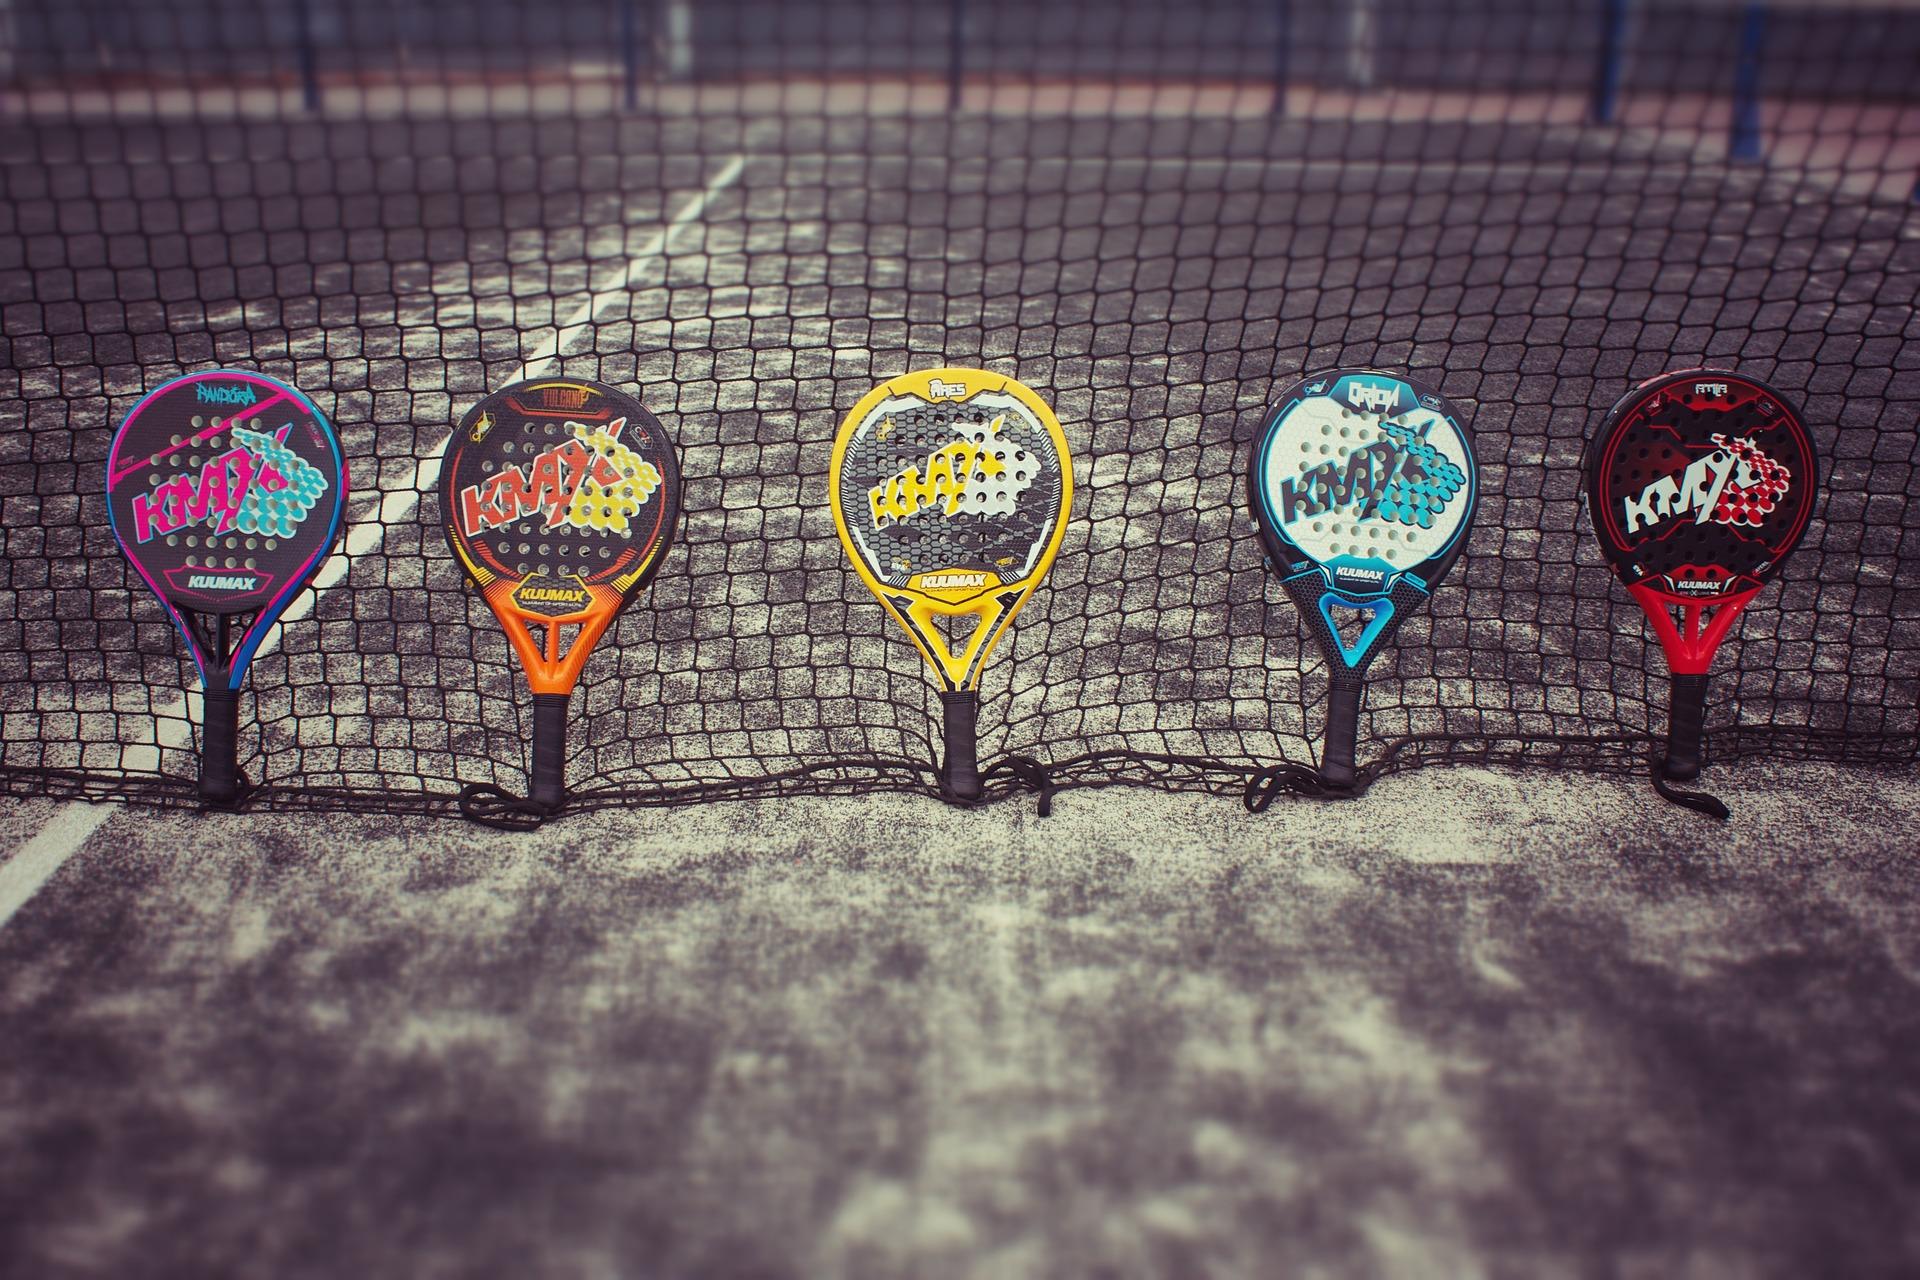 Cinco raquetes de padel colocadas em pé, lado a lado, em uma rede da quadra